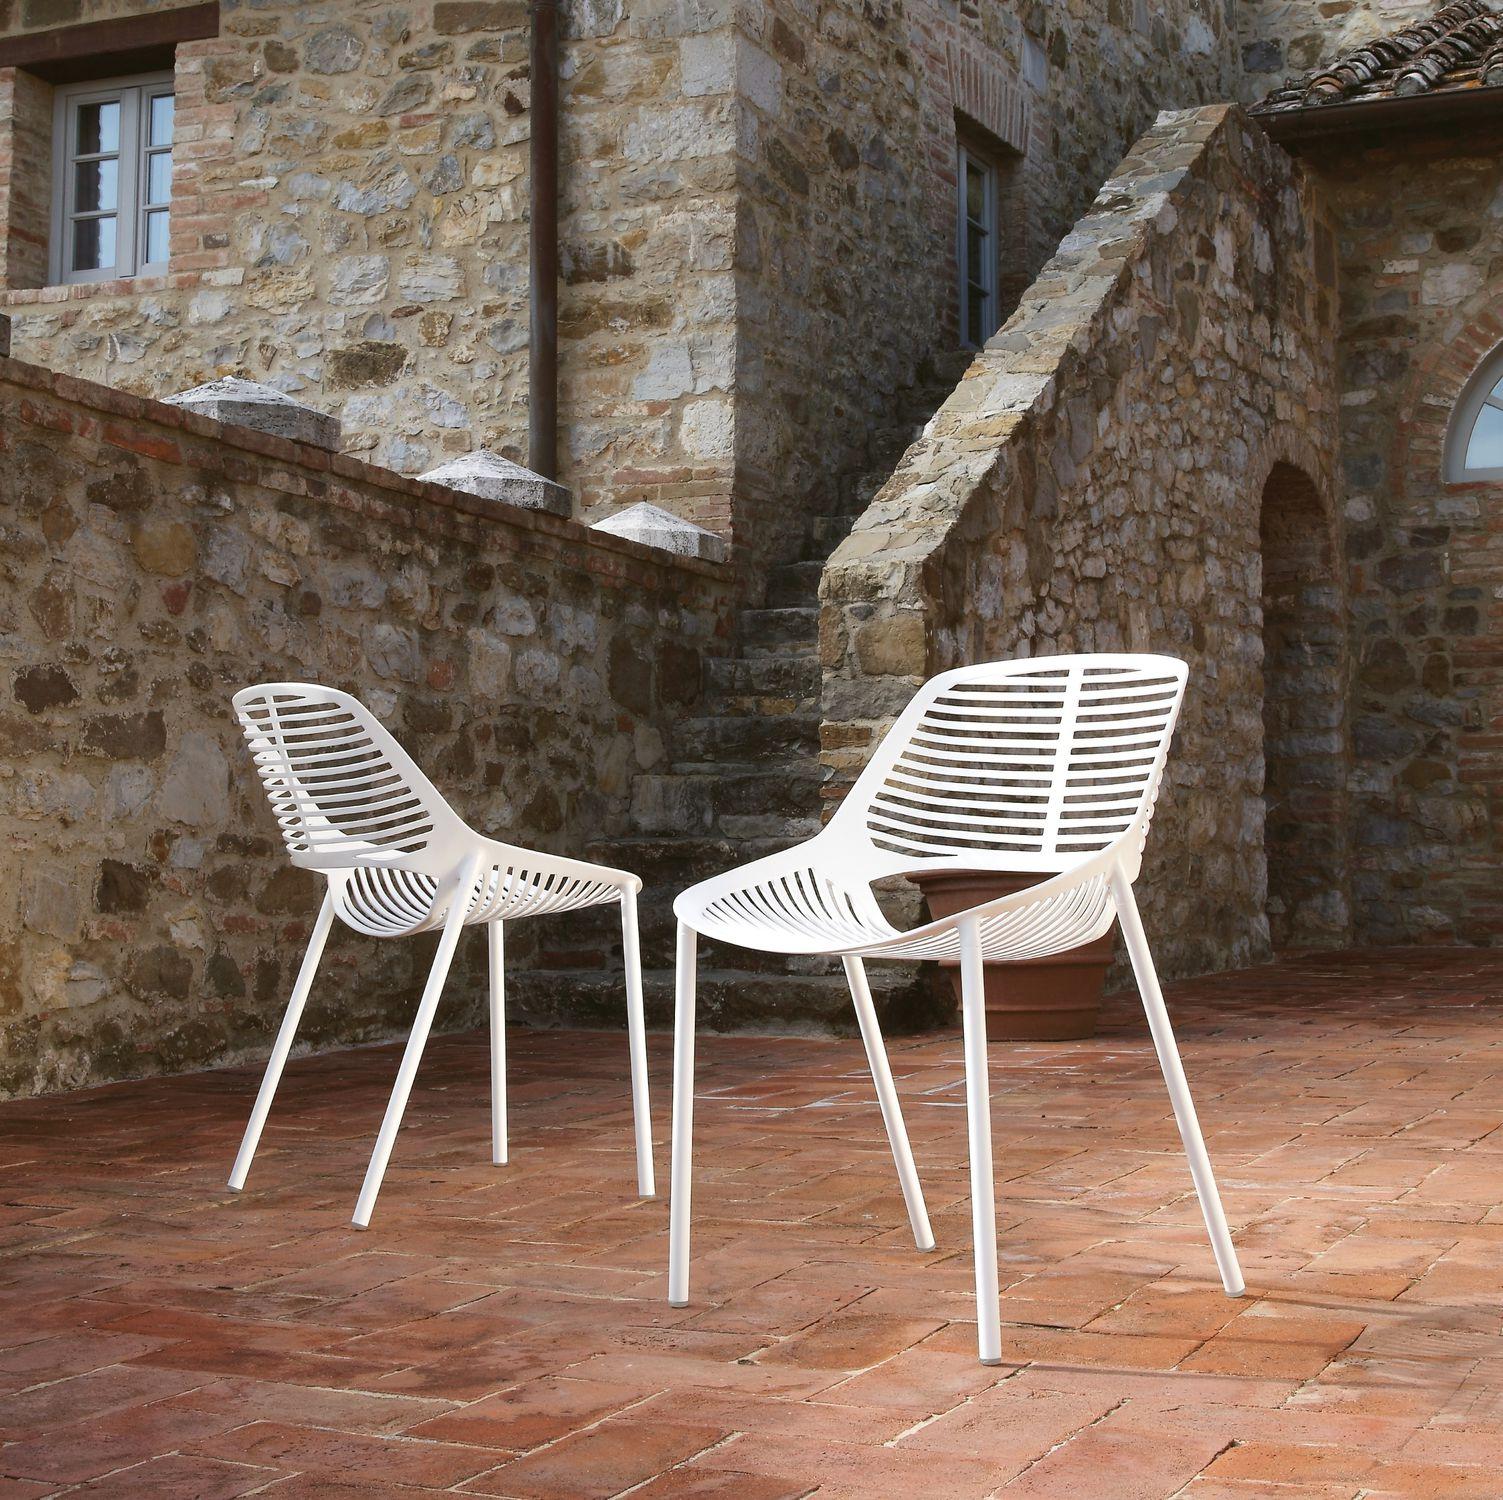 Fast Sedie Da Giardino.Sedia Da Giardino Moderna In Ghisa Di Alluminio Per Uso